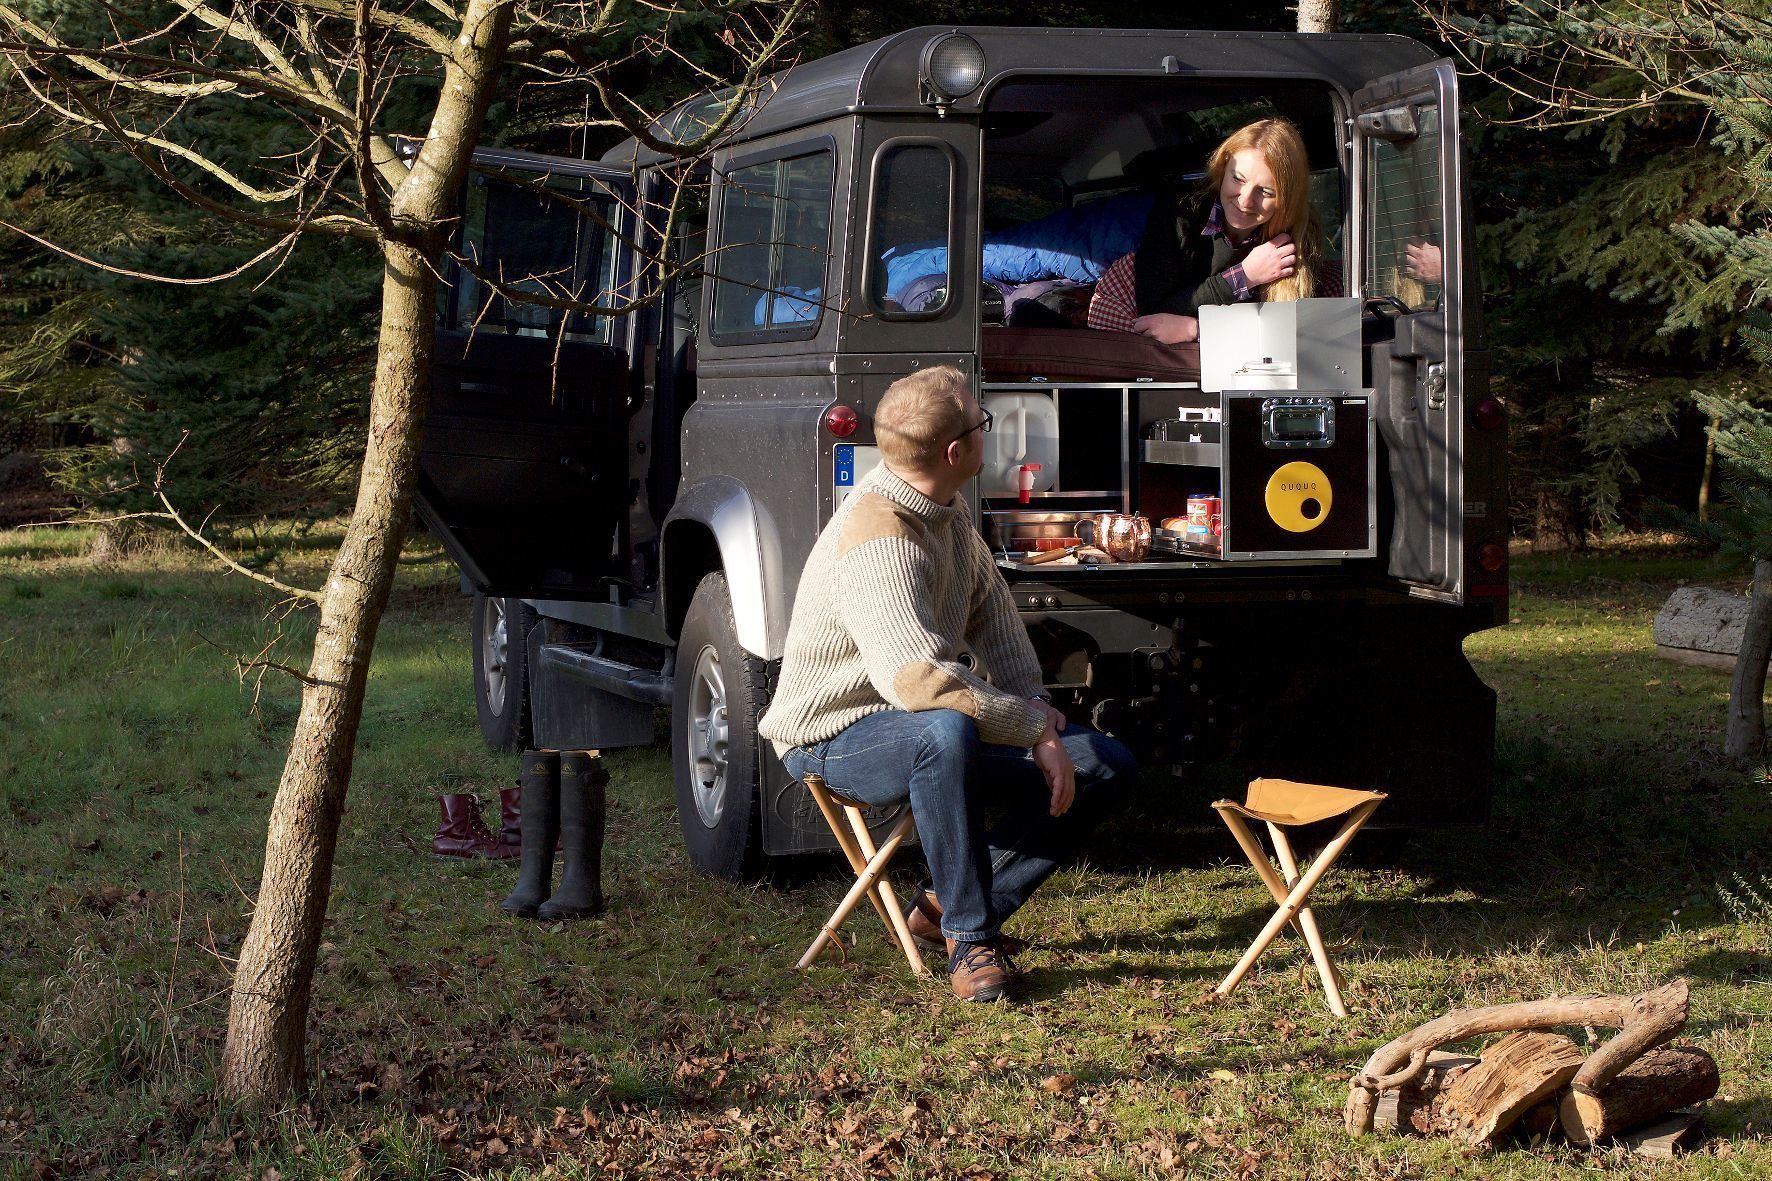 mid Groß-Gerau - Der Geländewagen als Teilzeit-Camper? Mit den Camping-Boxen von Ququq ist das kein Problem.